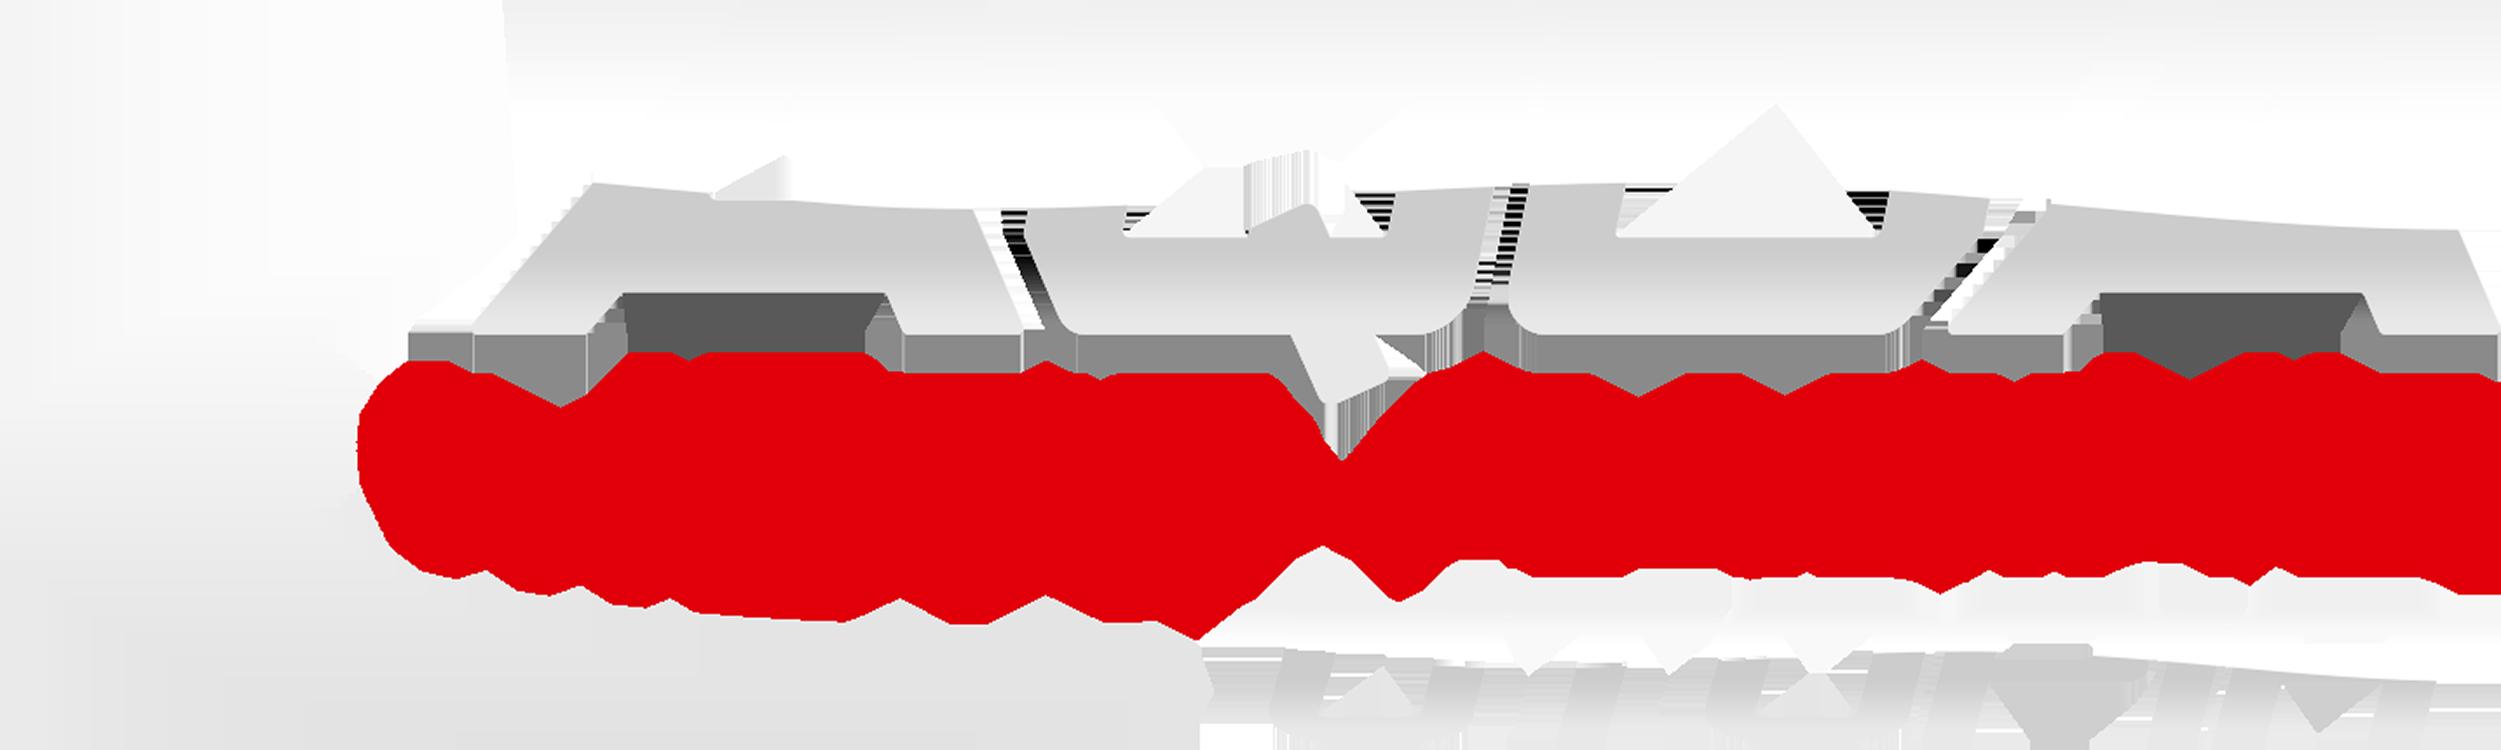 Aqua Moto Racing Utopia – Visuel